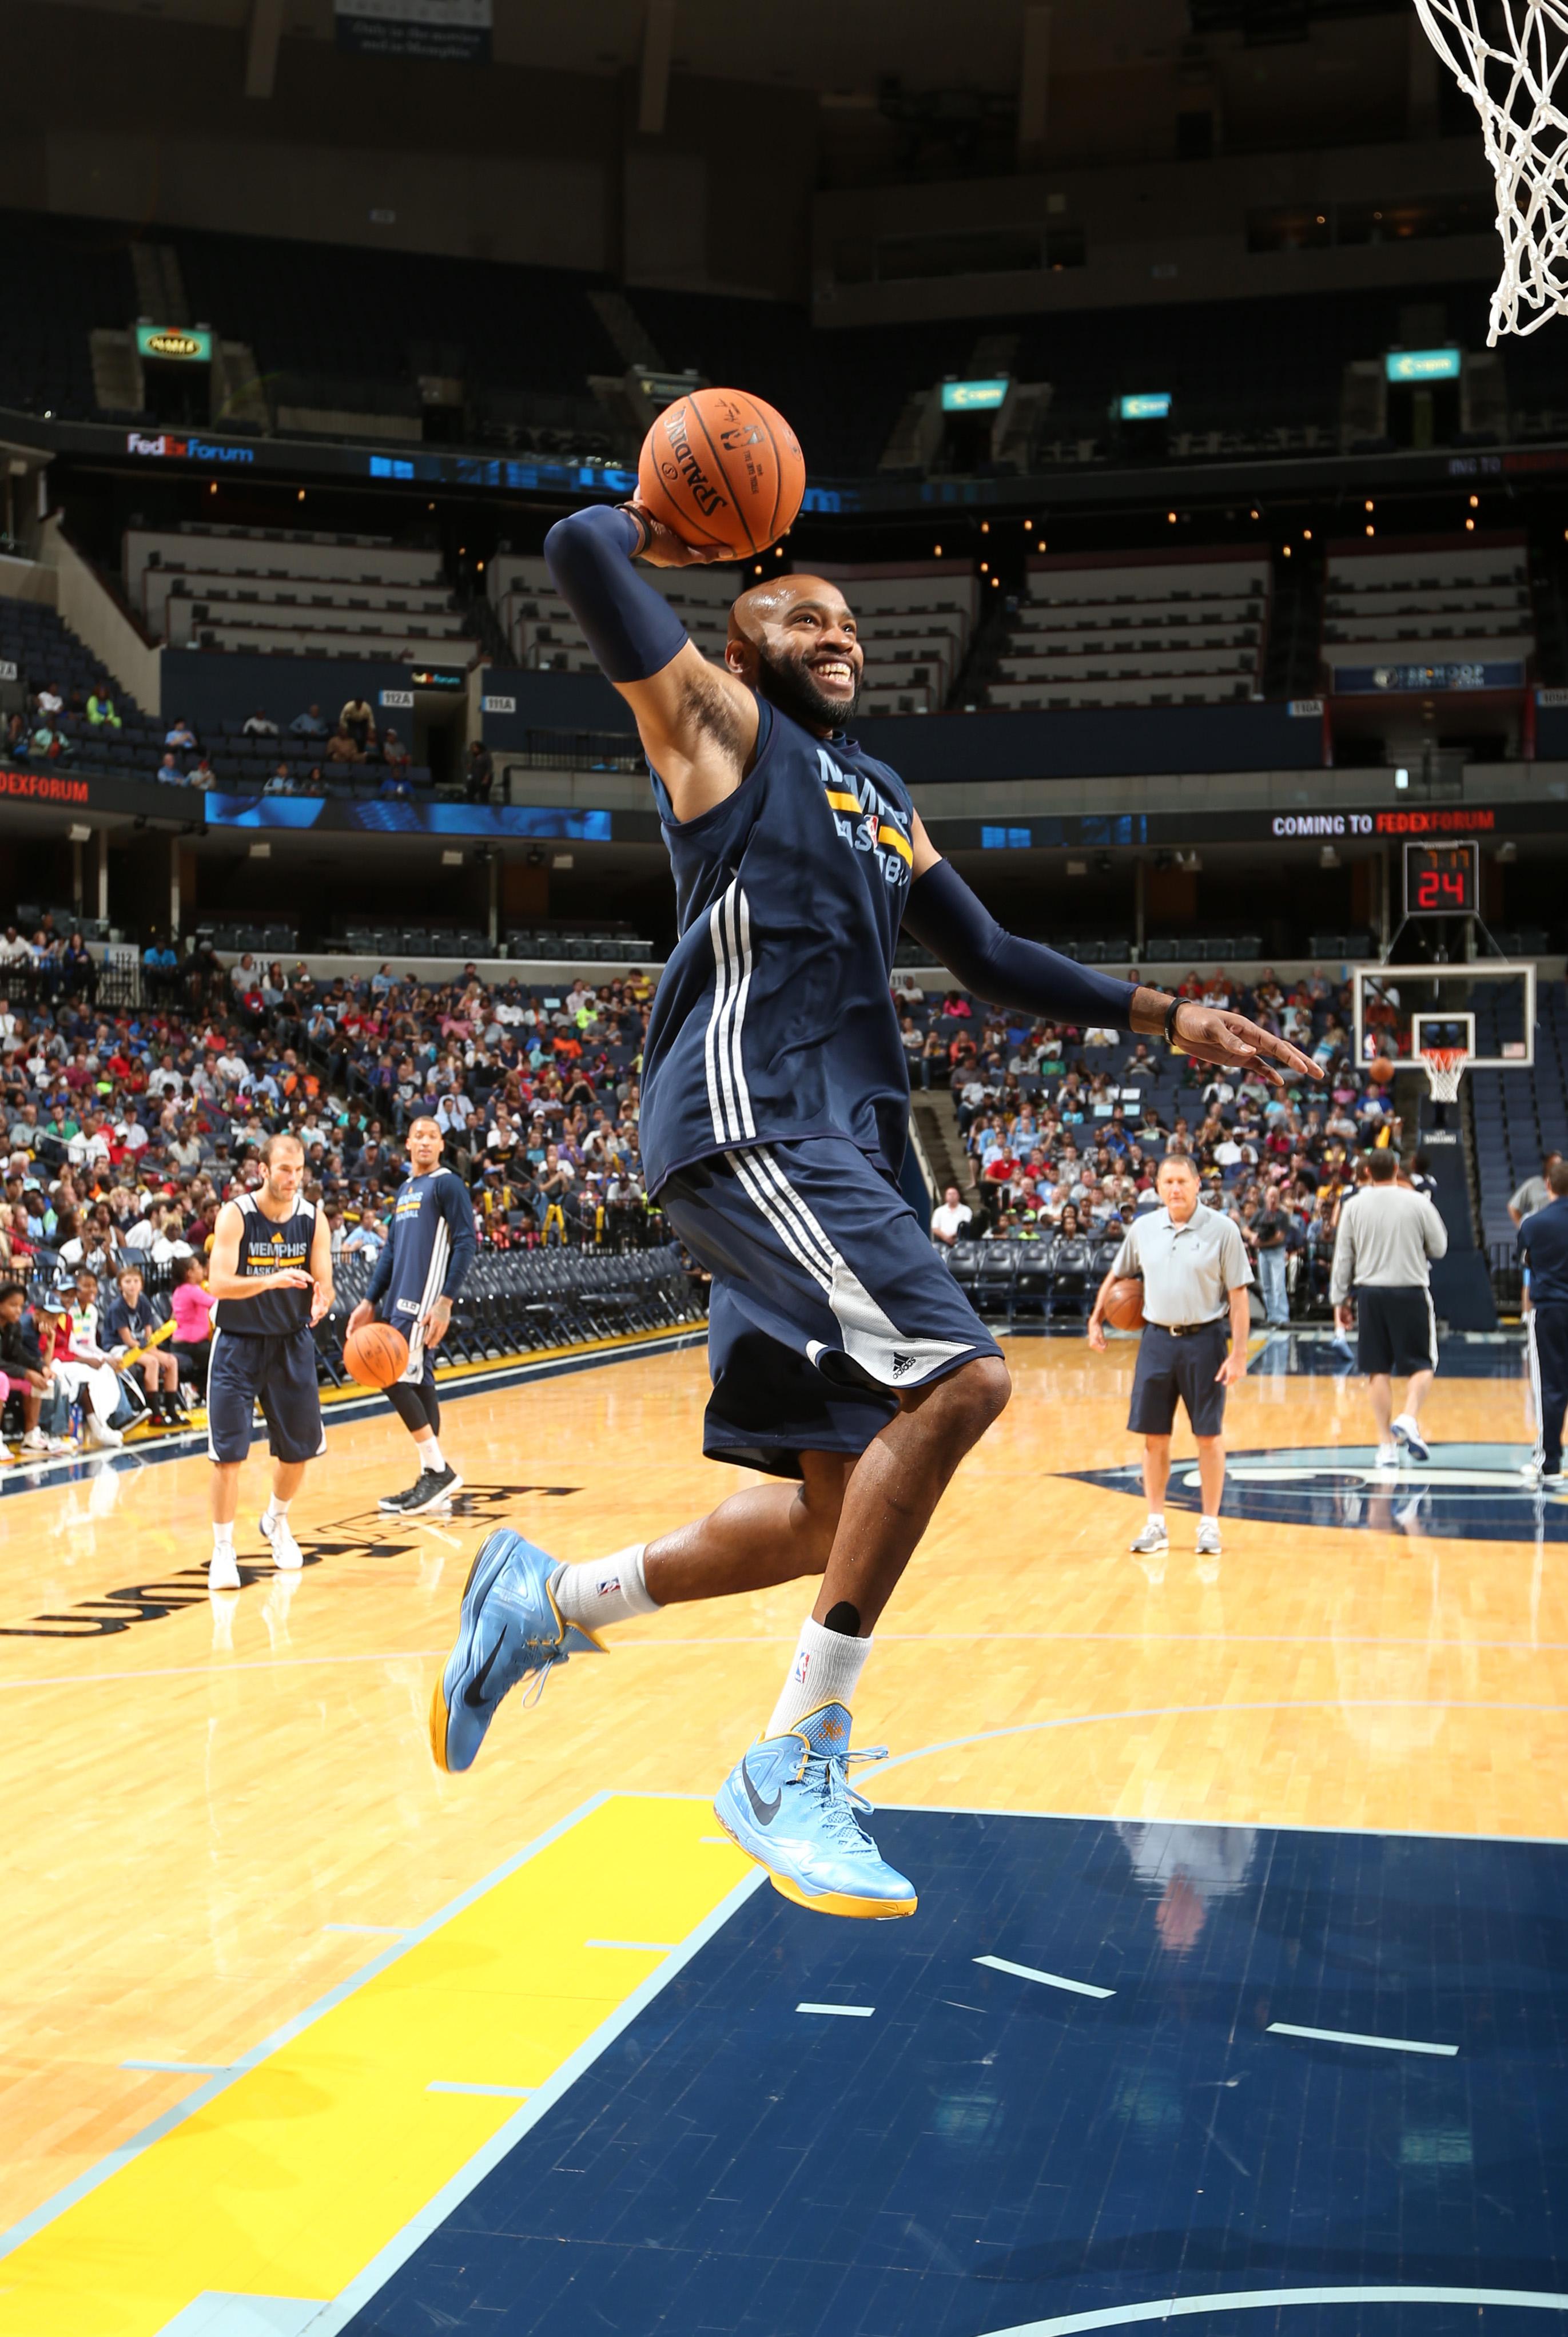 Vince Carter dunk